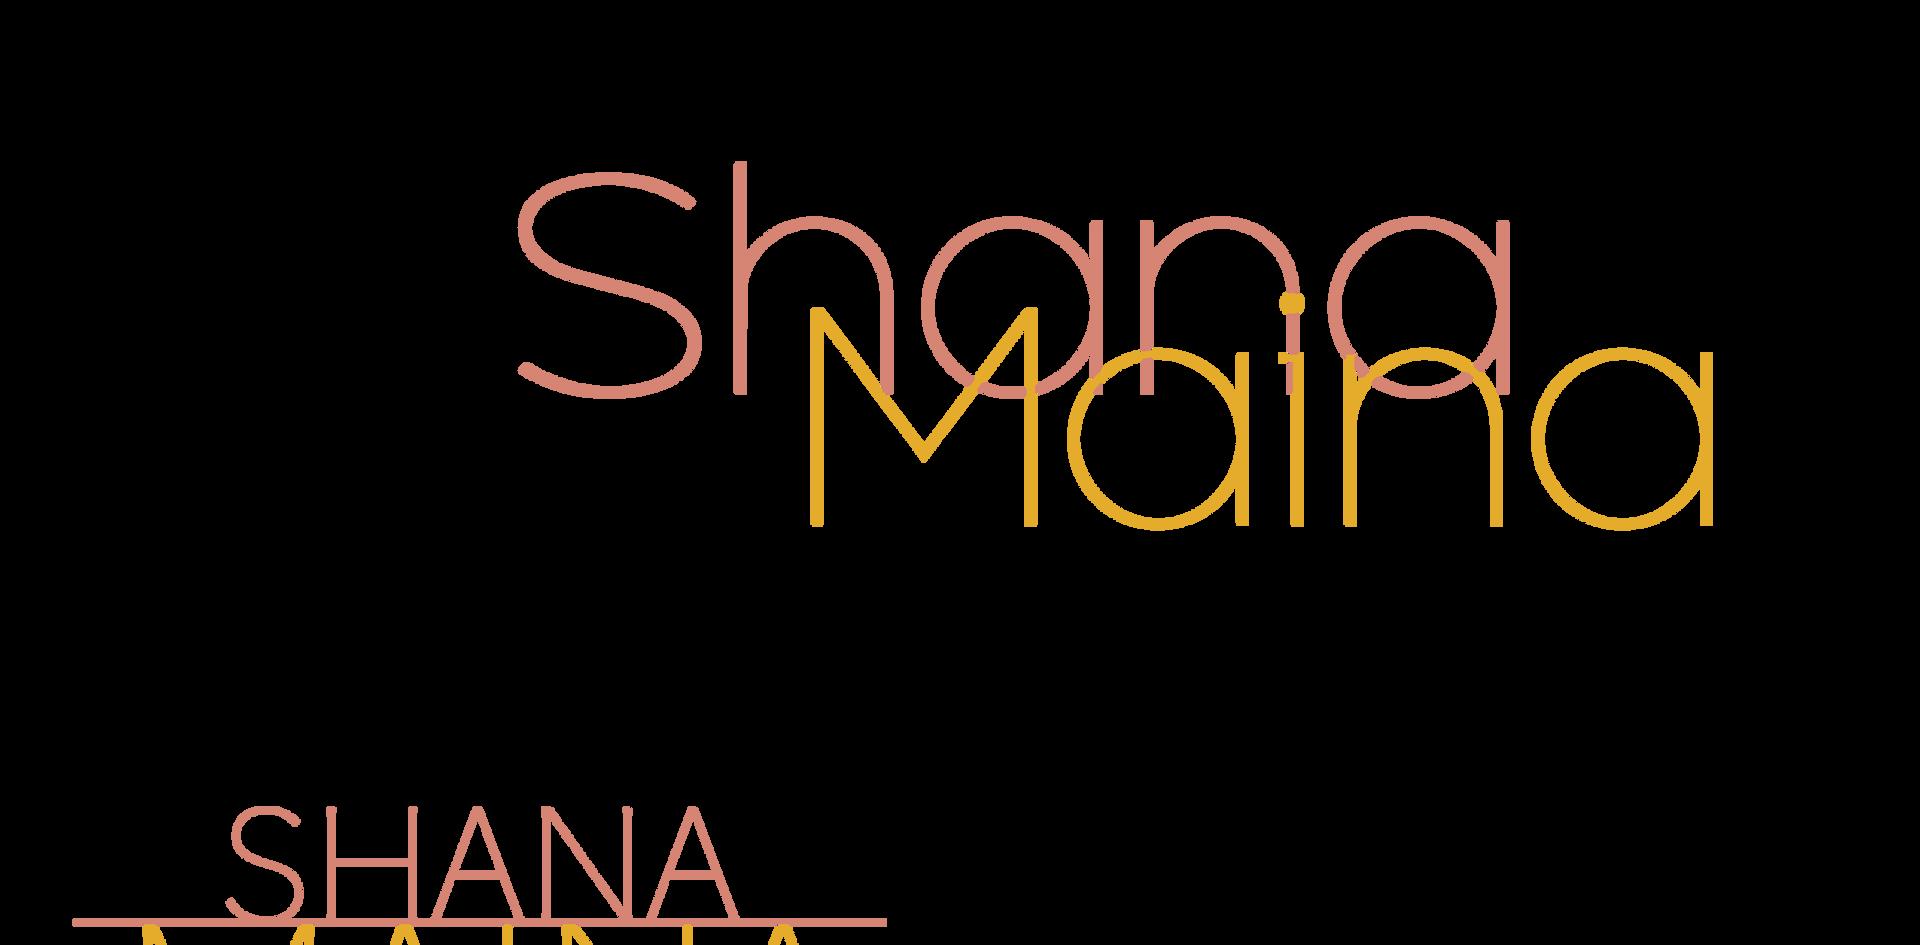 Shana Maina logo variation.png